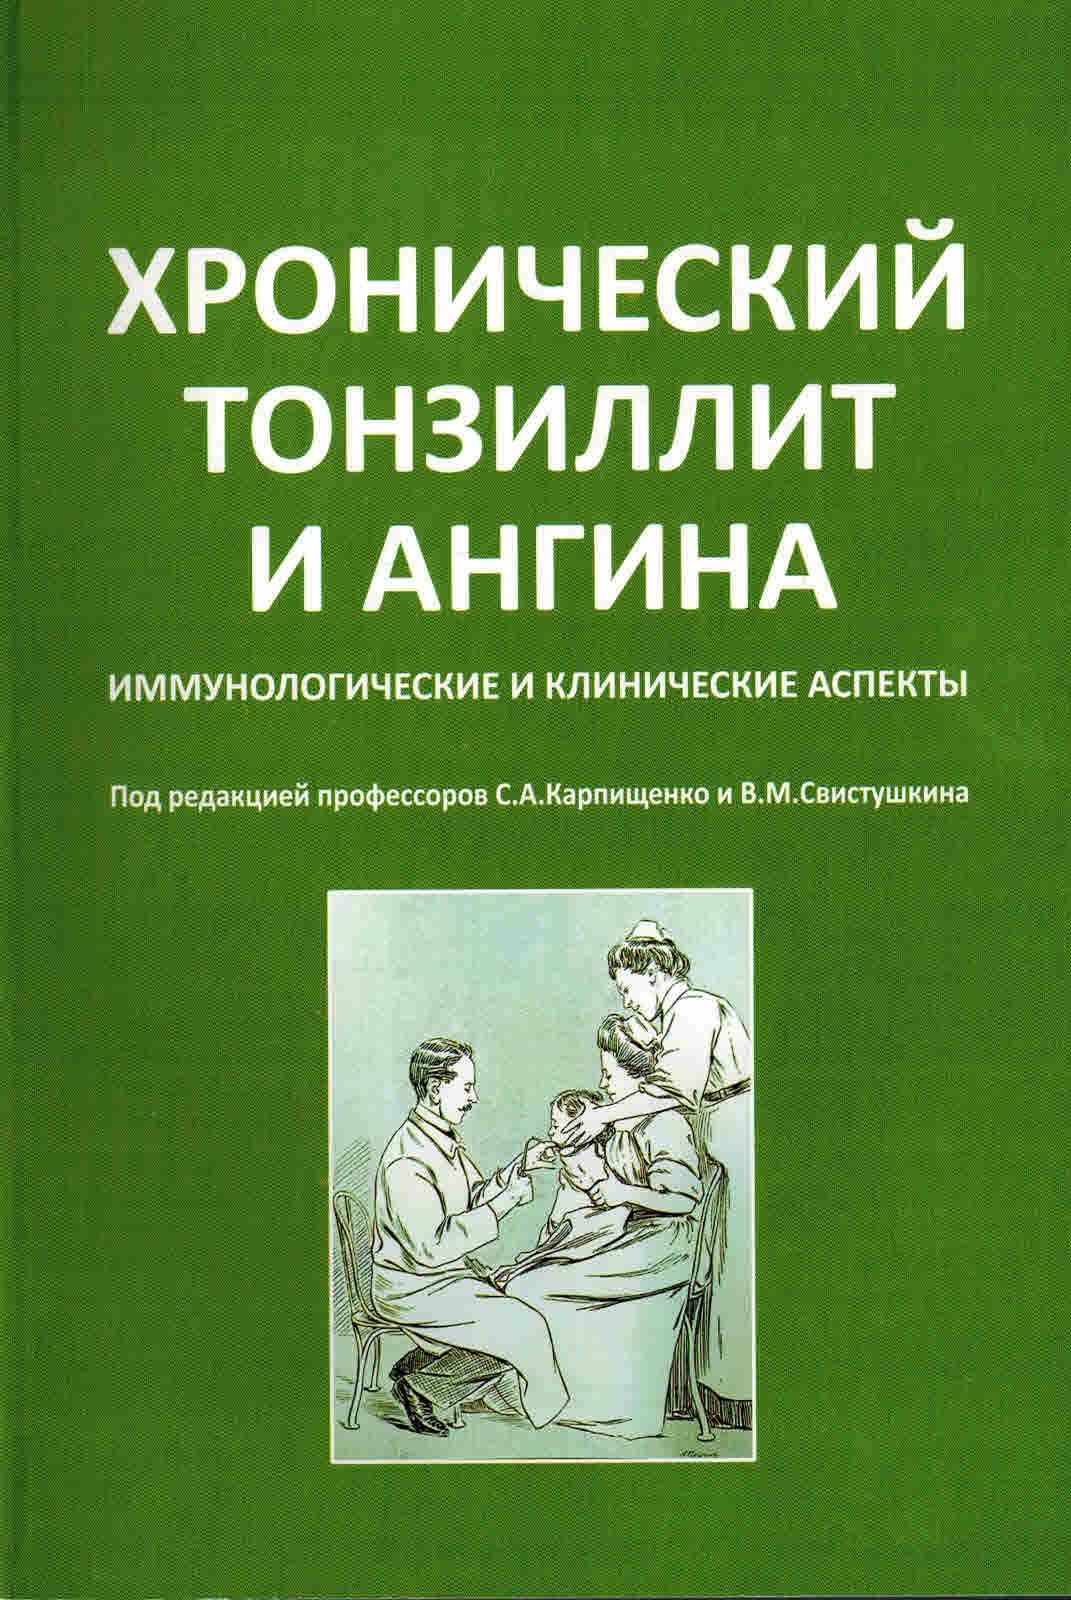 Книги по заболеванию слизистой Хронический тонзиллит и ангина. Иммунологические и клинические аспекты hr_tonz_i_ang.jpg